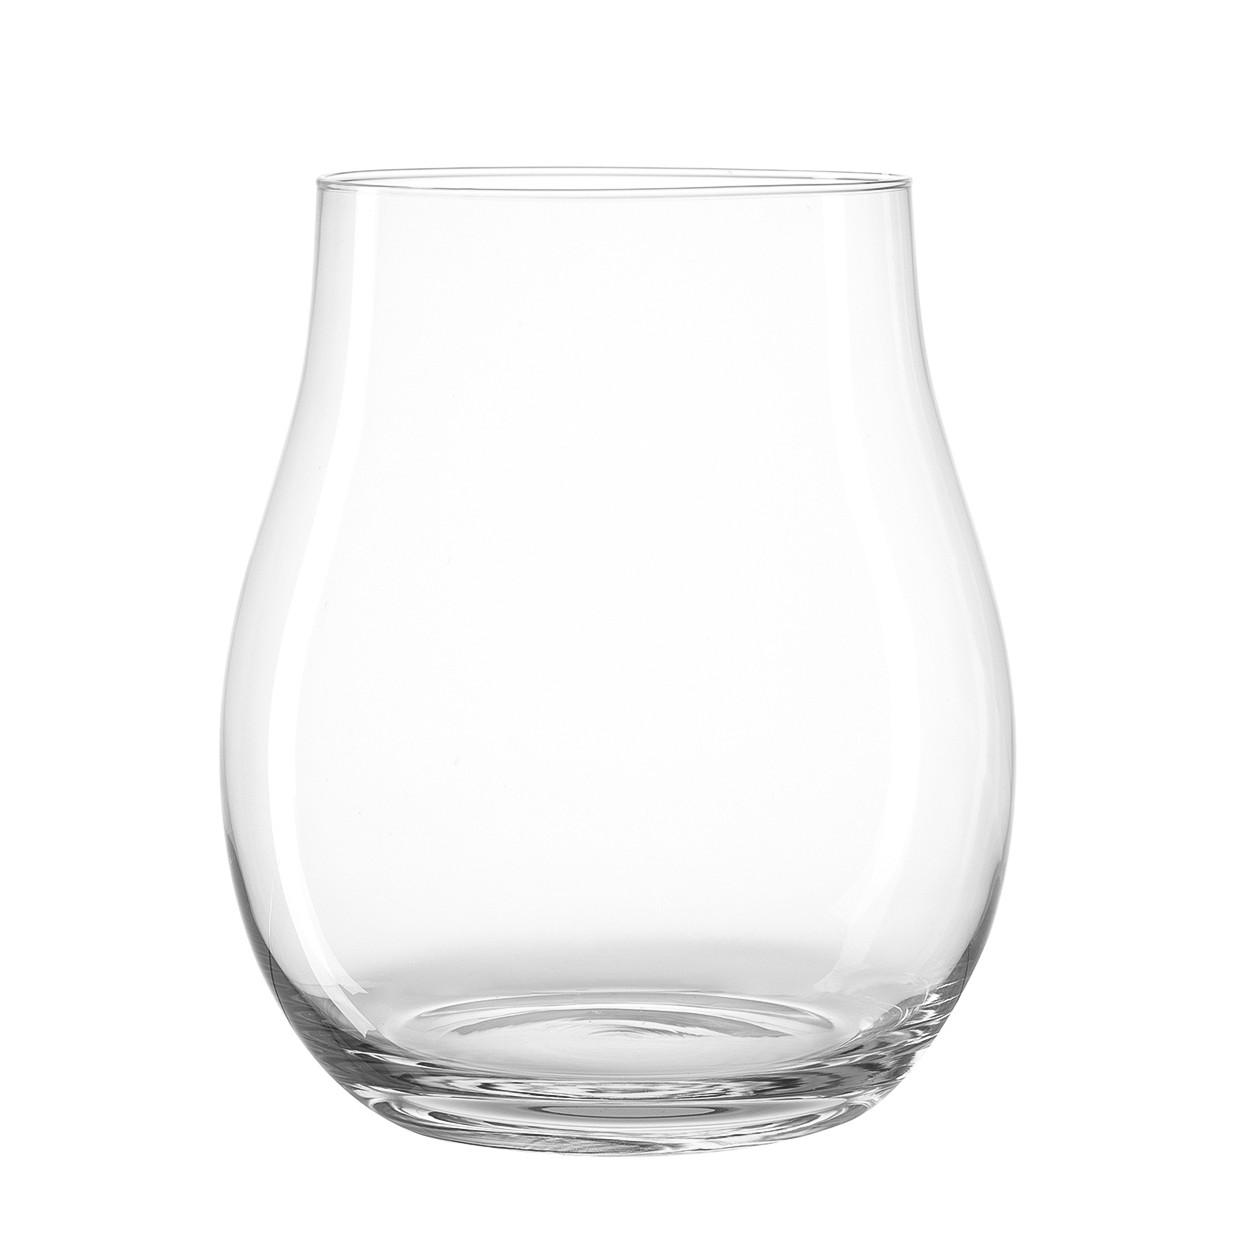 Windlicht Giardino - glas - 32, Leonardo